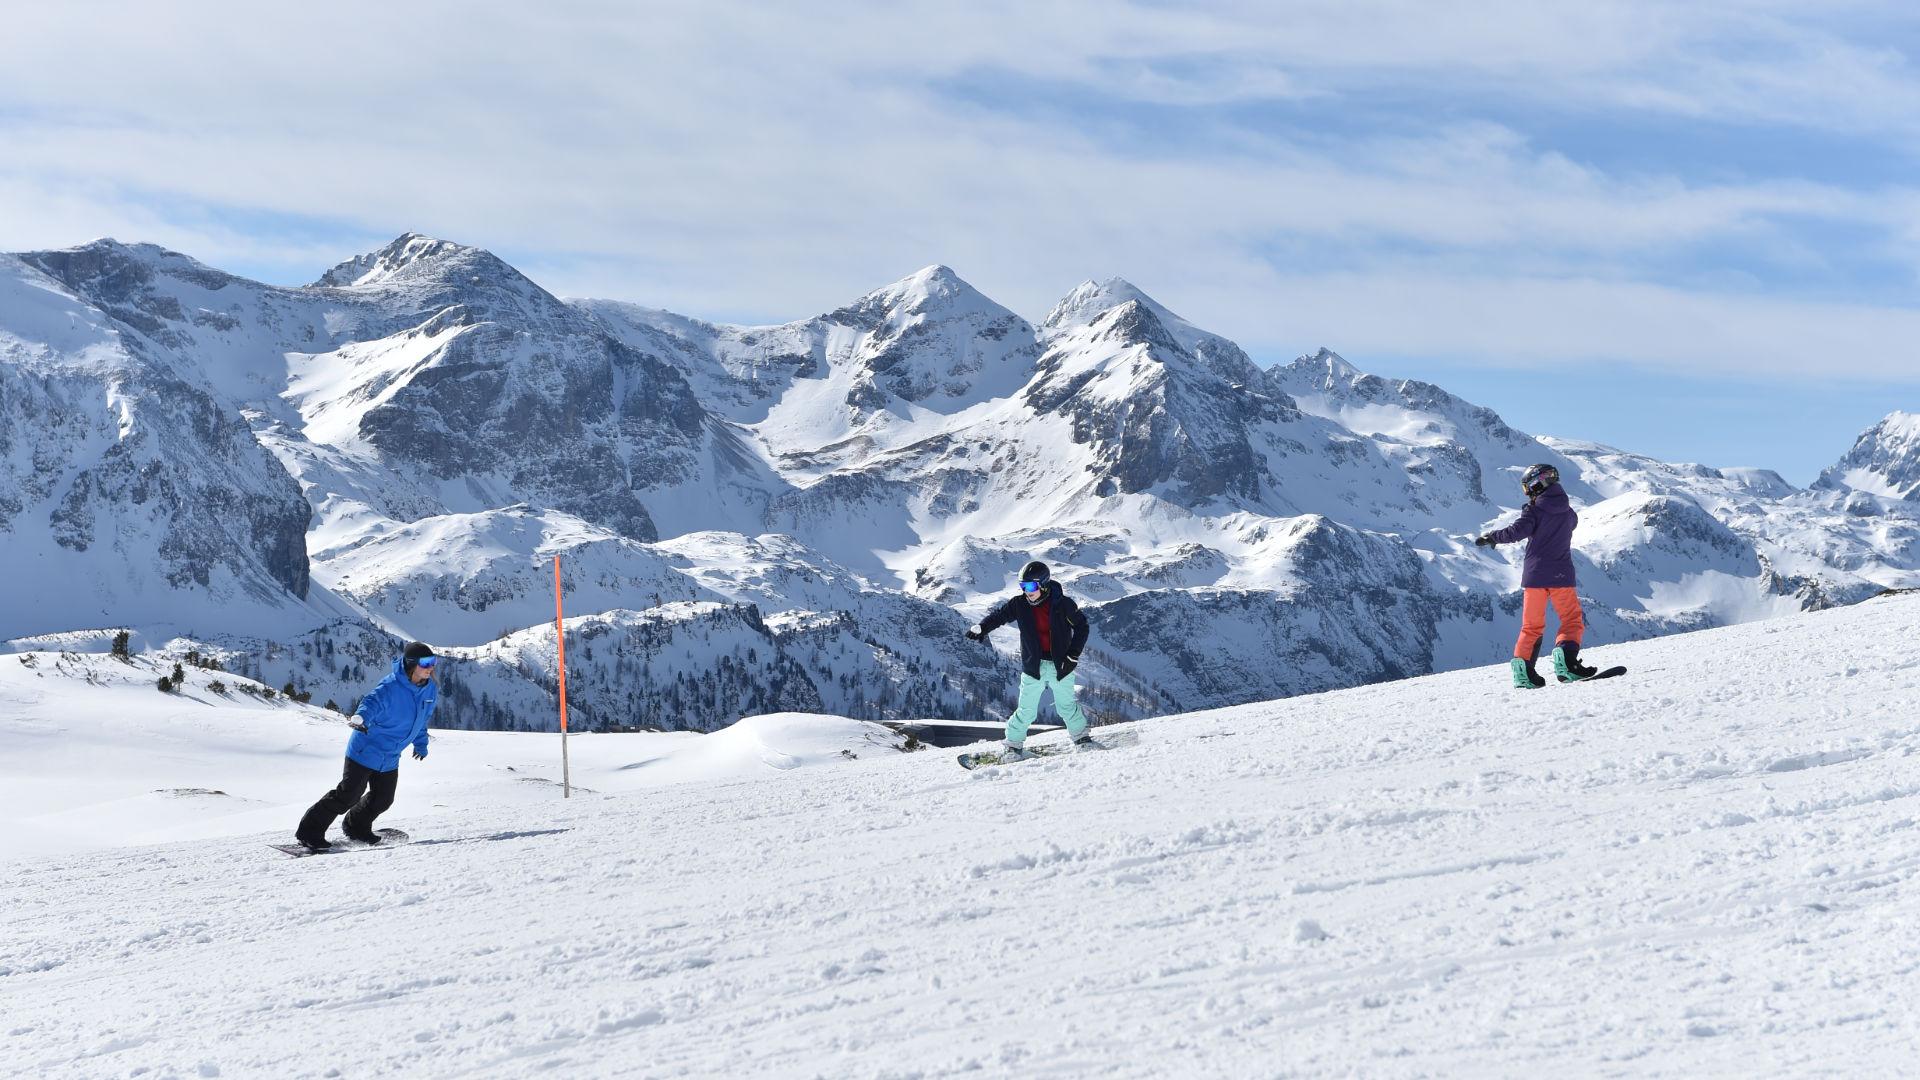 Snowboard-Anfänger in unserer Obertauern Snowboard School